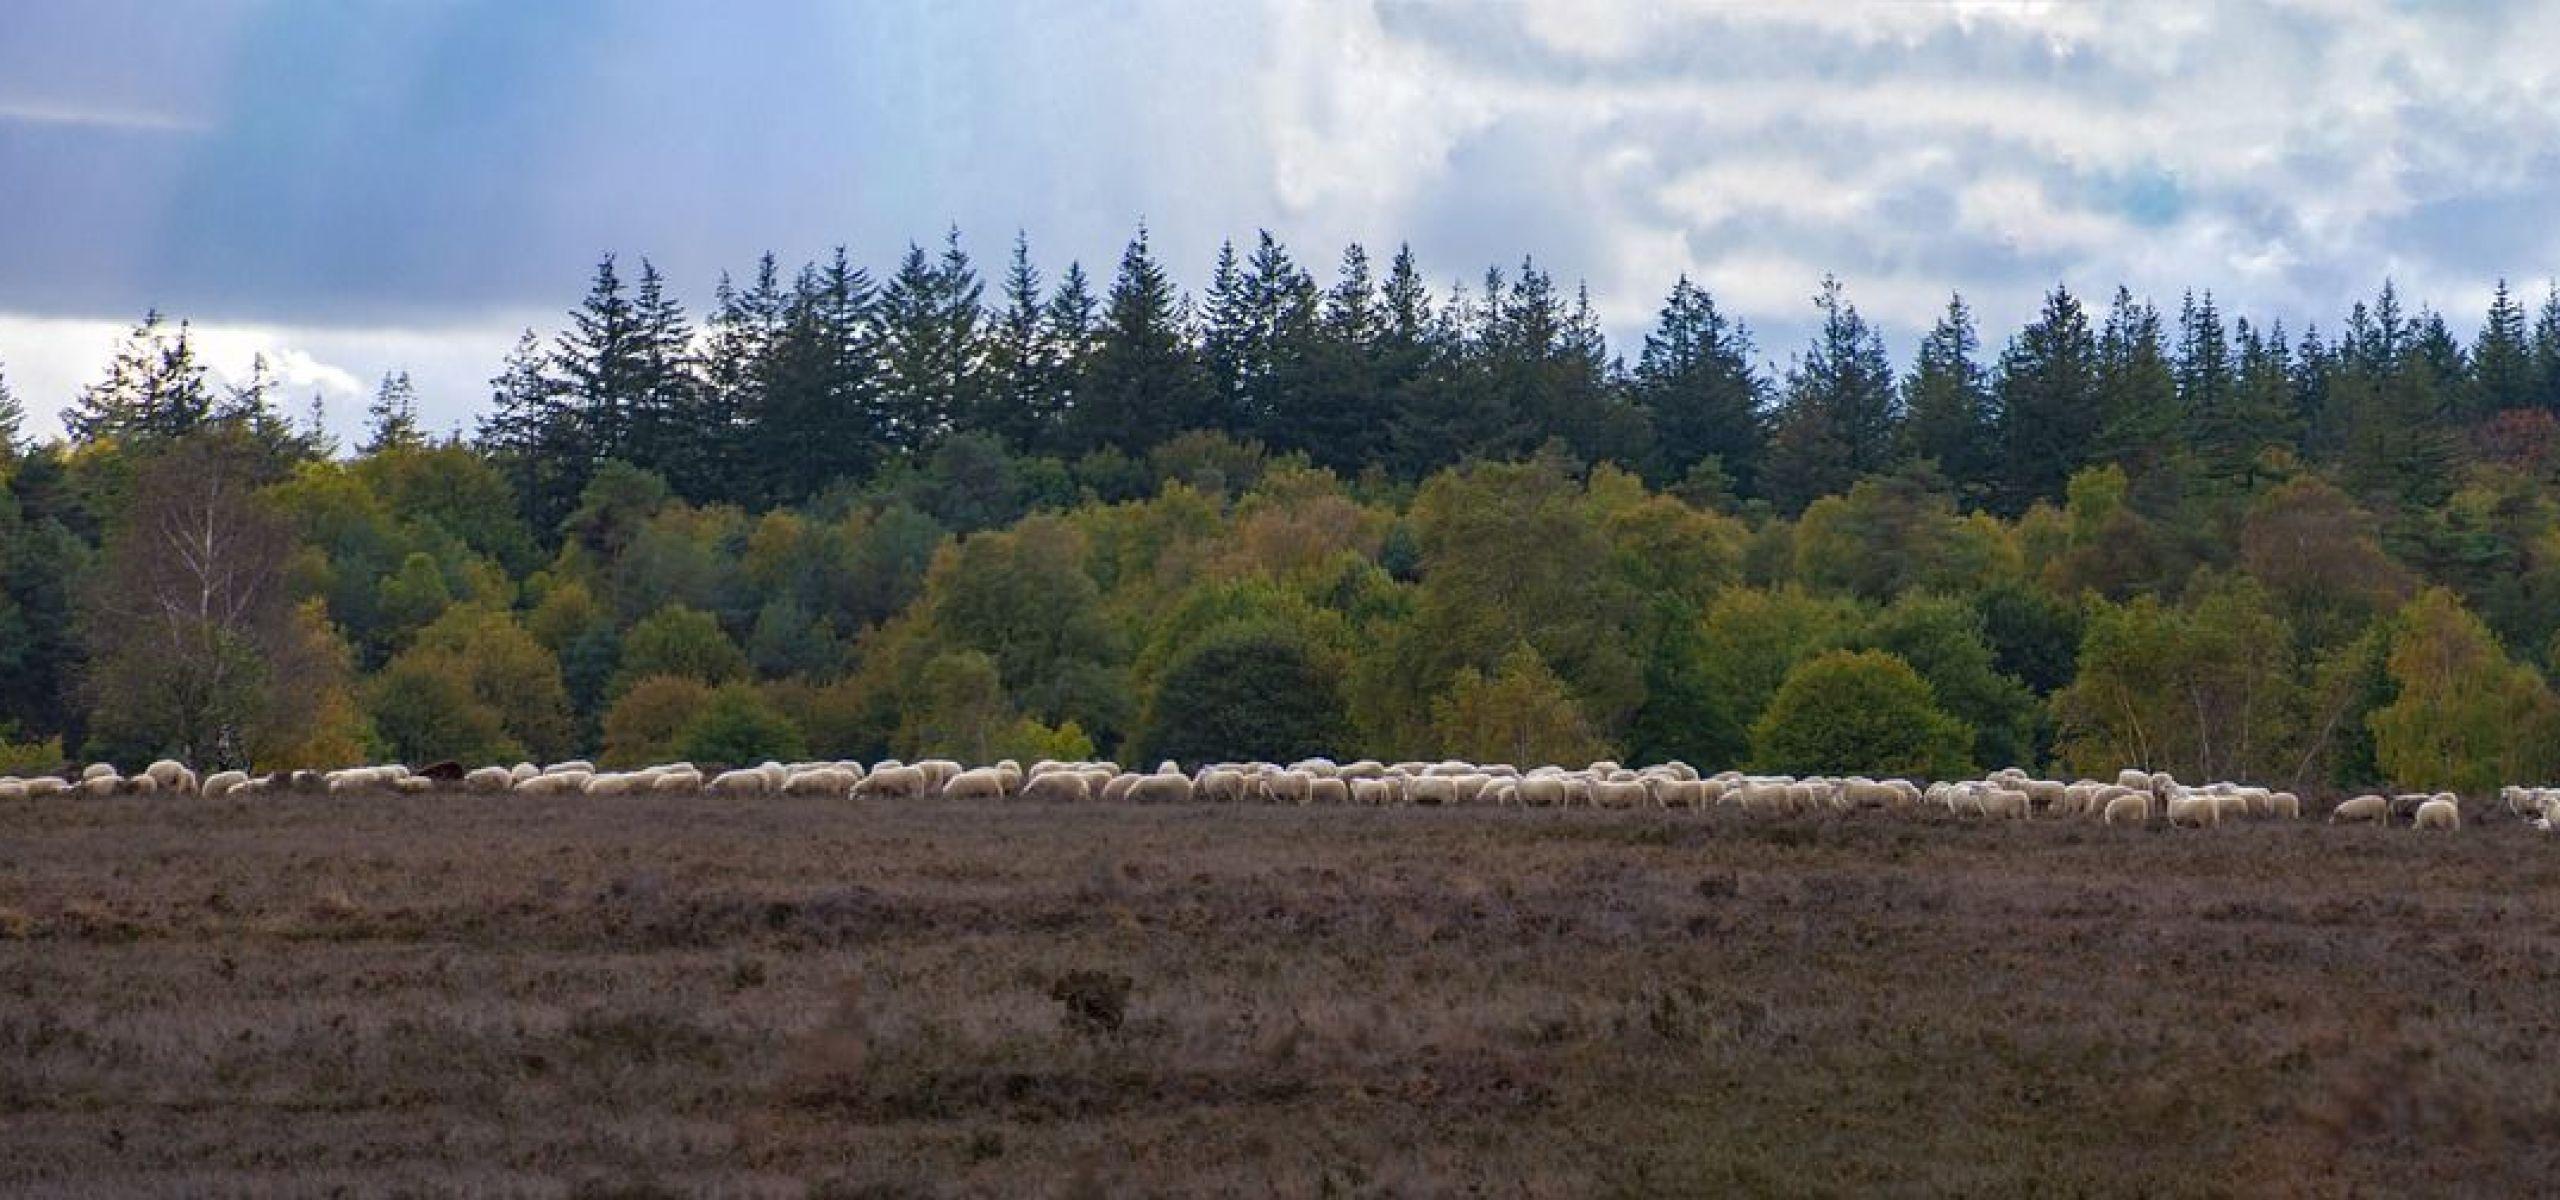 Veld met schapen